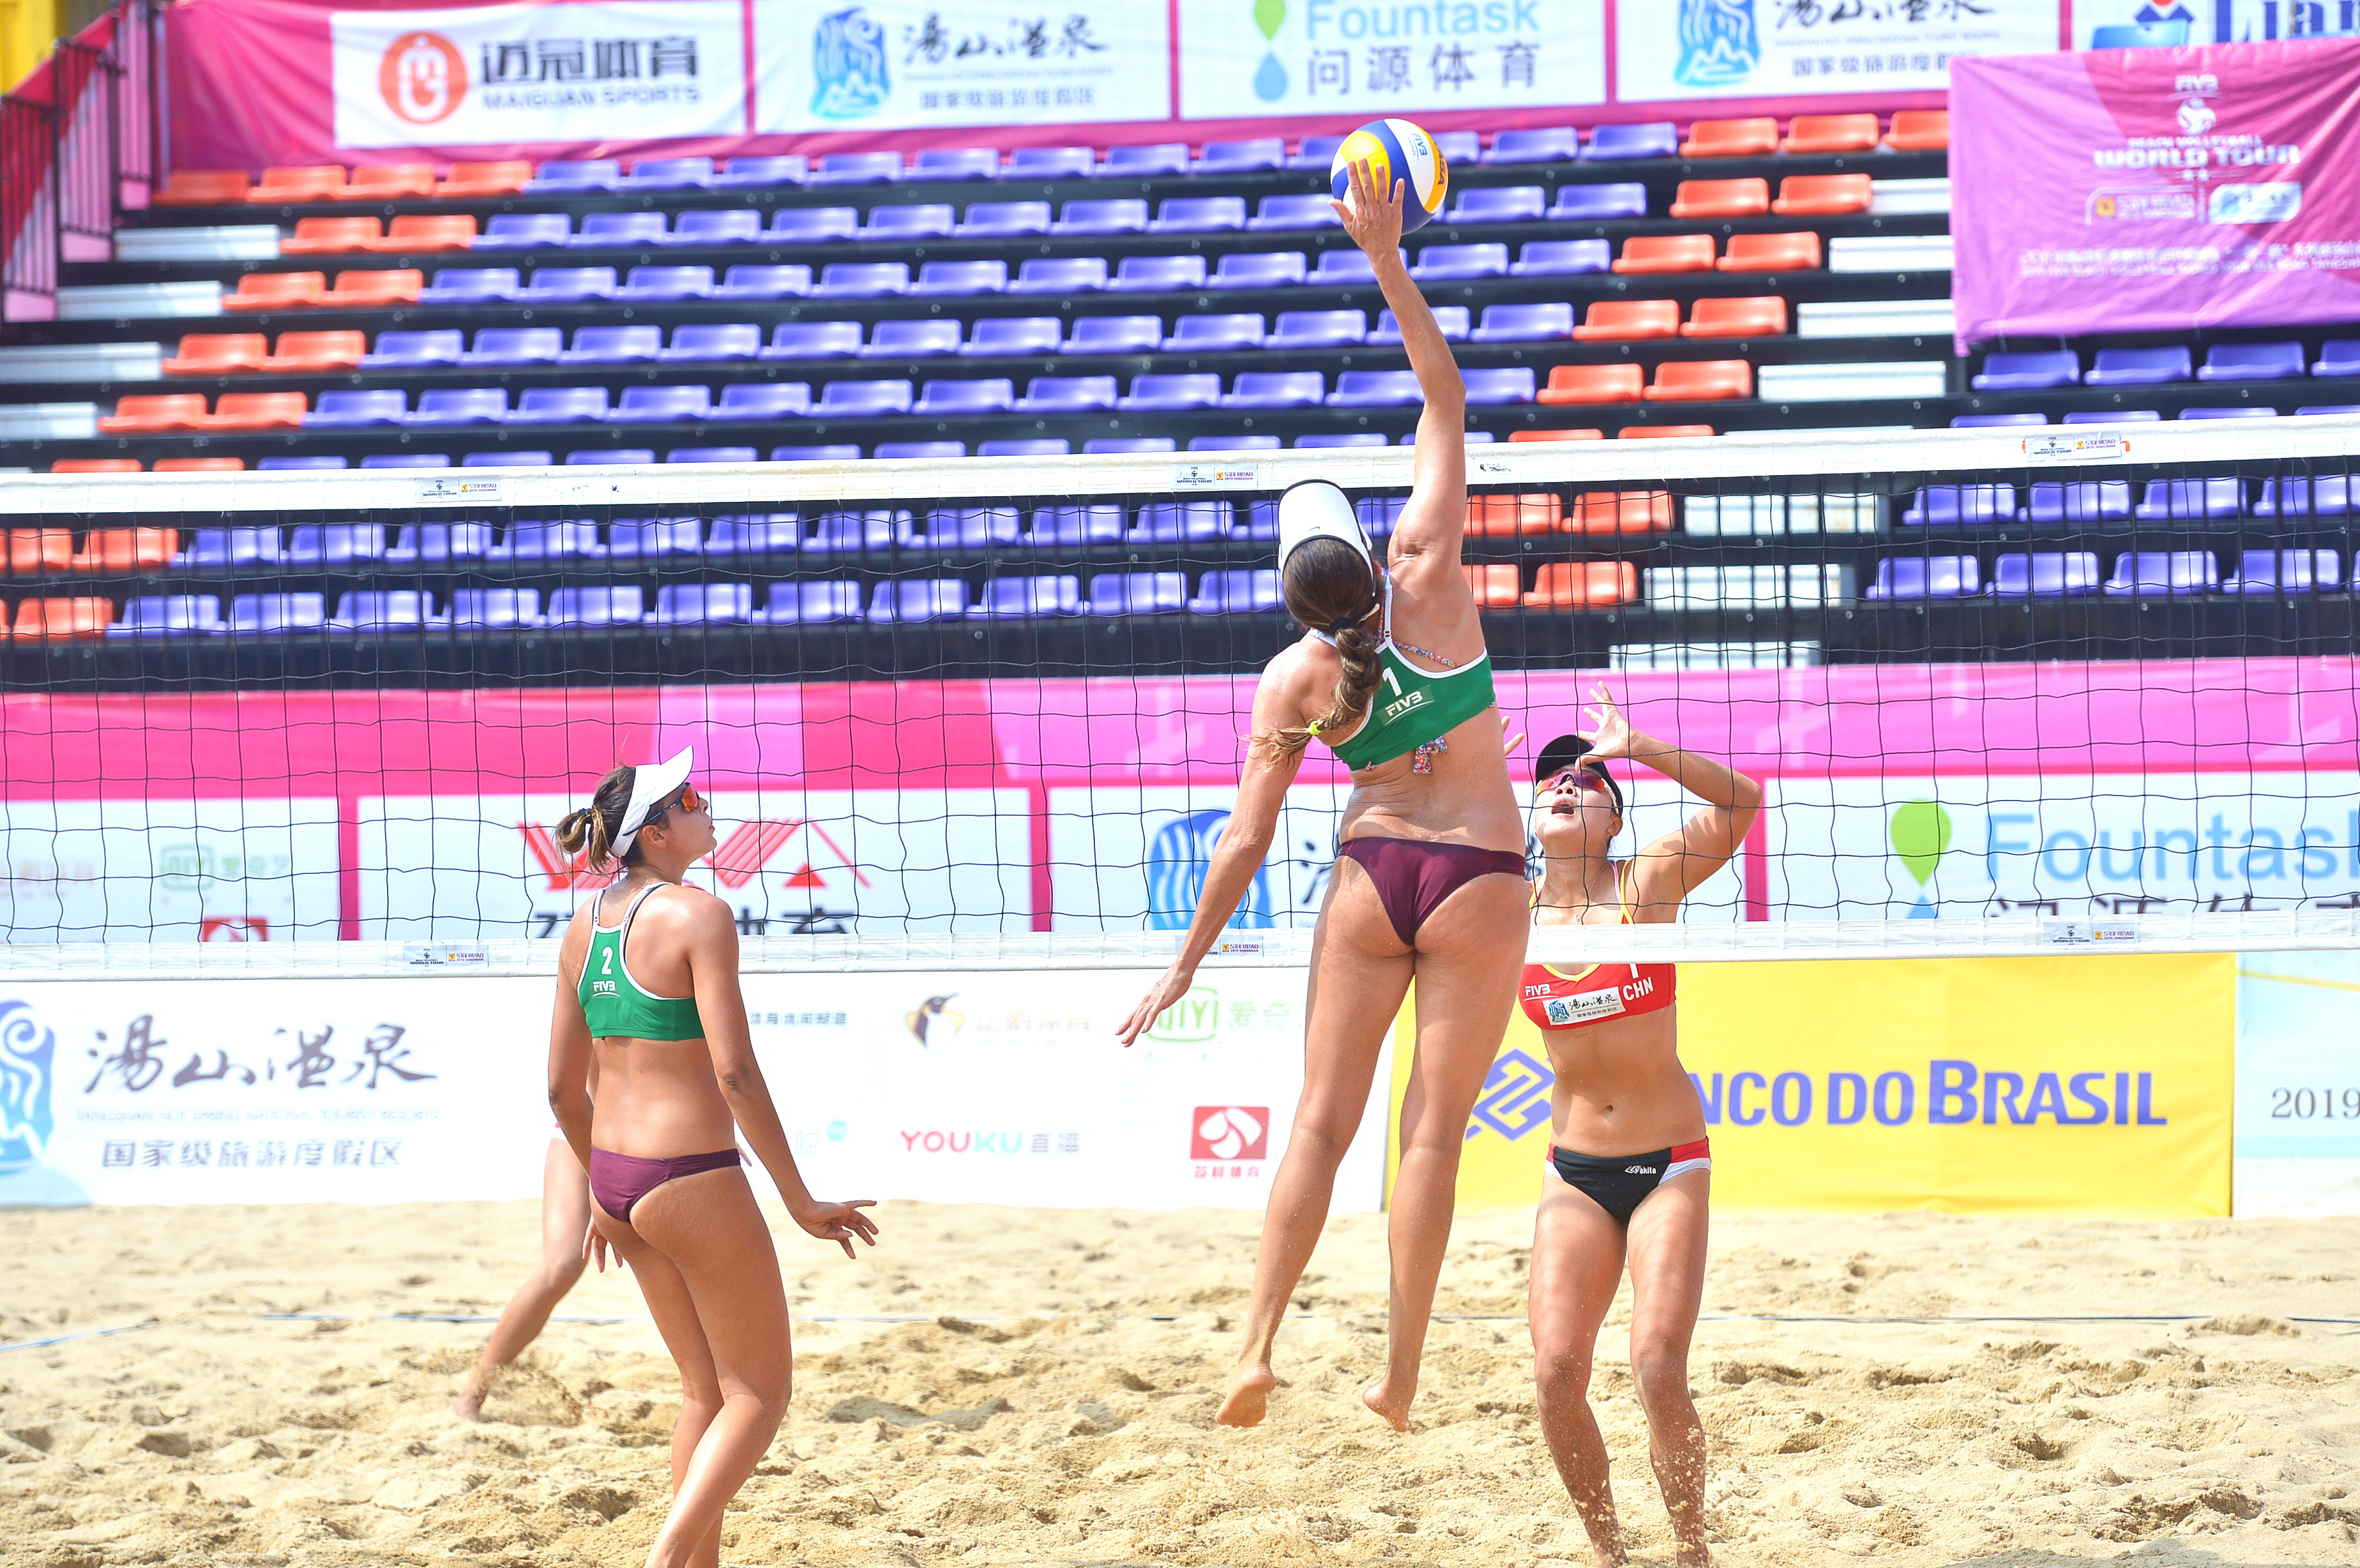 Carol Horta e Ângela vencem dois jogos e vão às oitavas de final na China